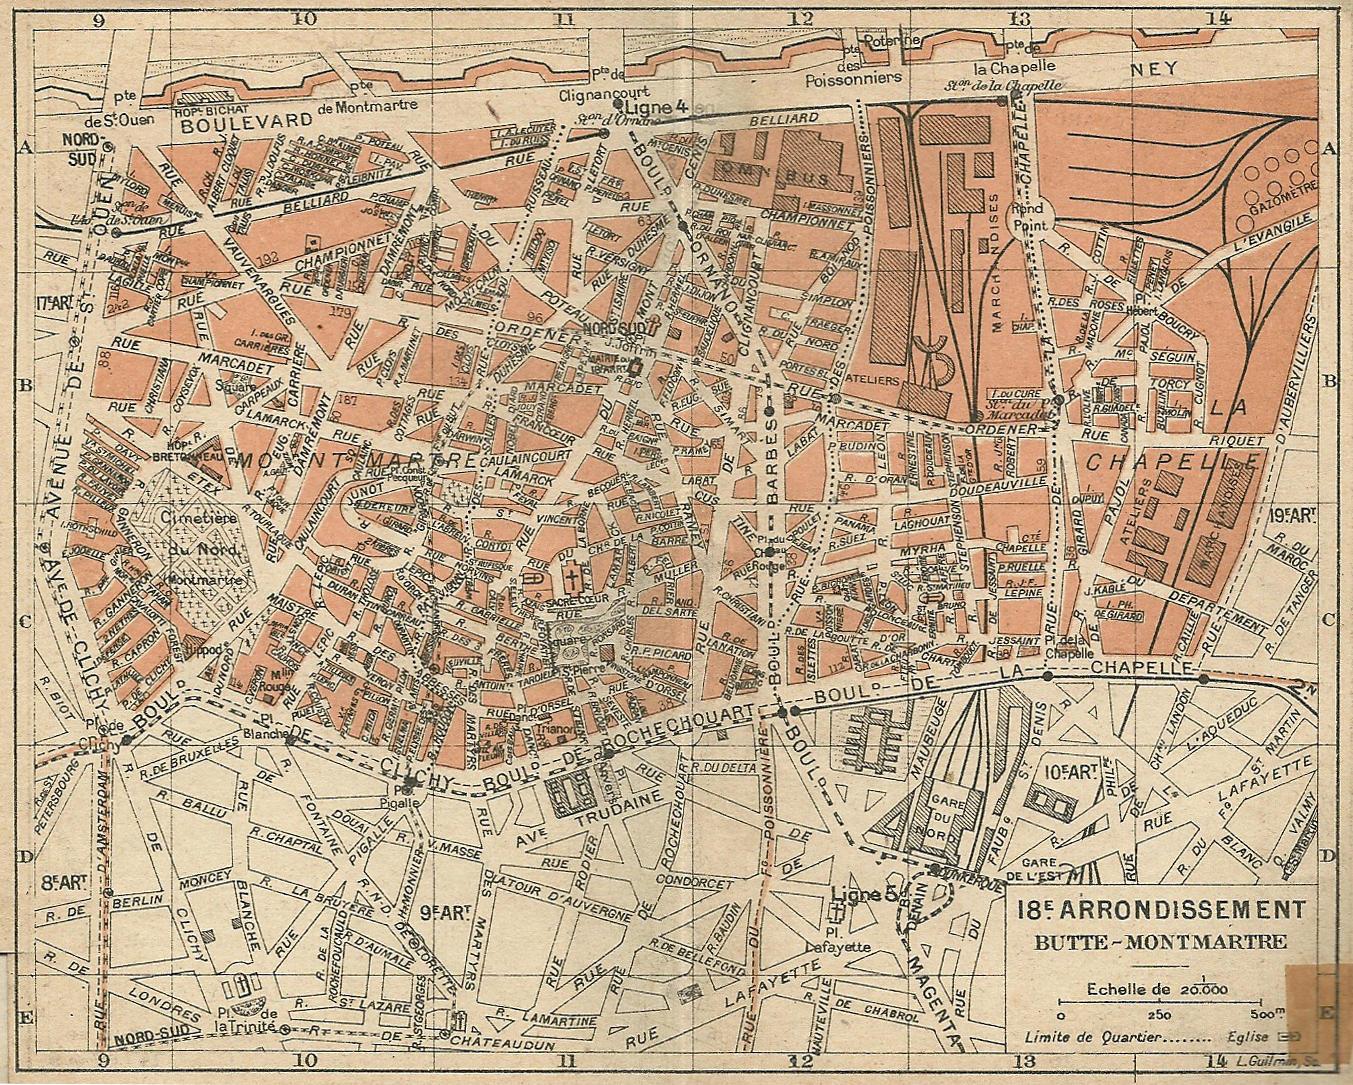 carte de paris par arrondissement File:Paris.carte d'arrondissement.A18.   Wikimedia Commons